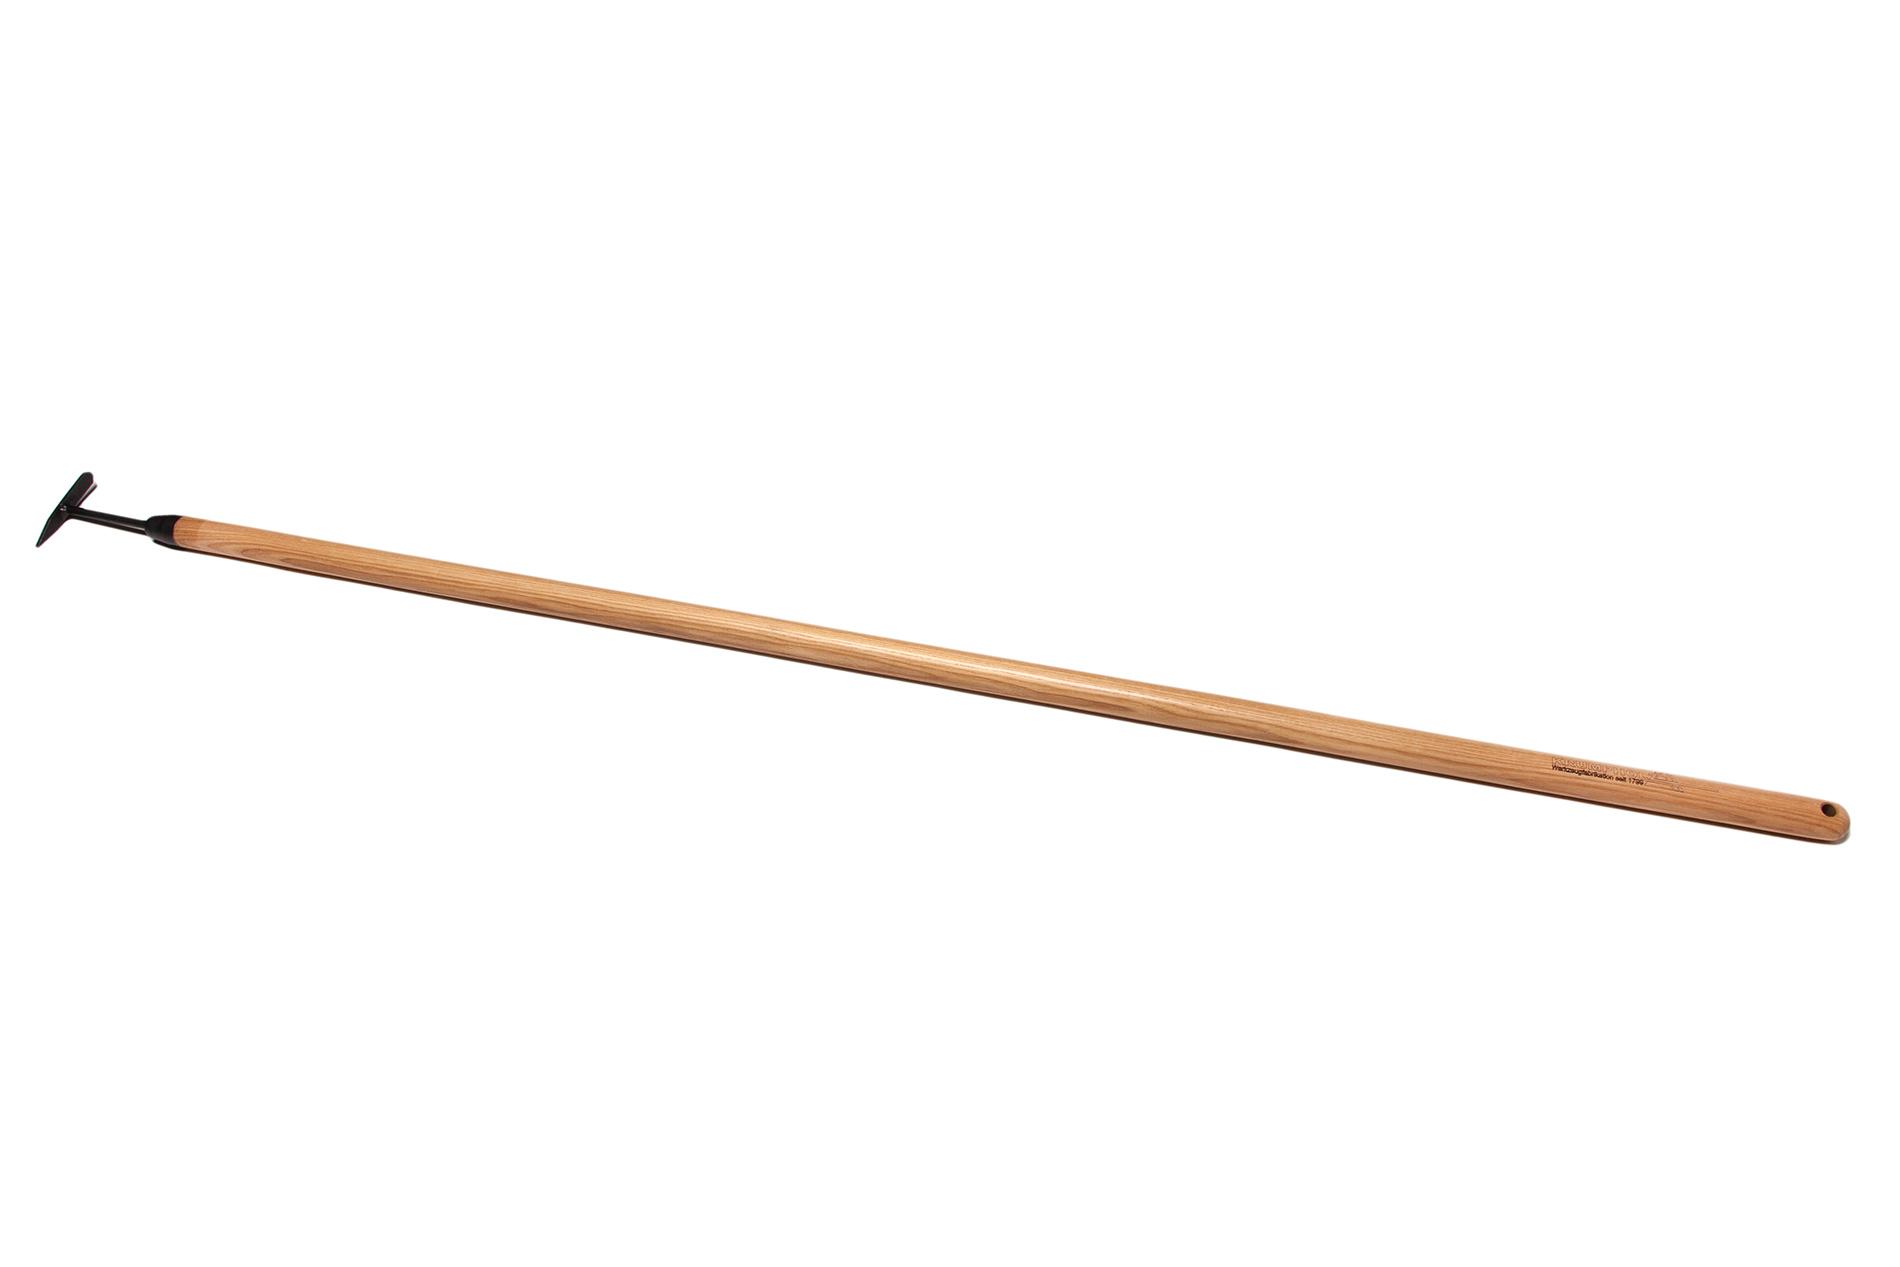 Krumpholz Fugenkratzer mit langem Eschenstiel (130 cm)